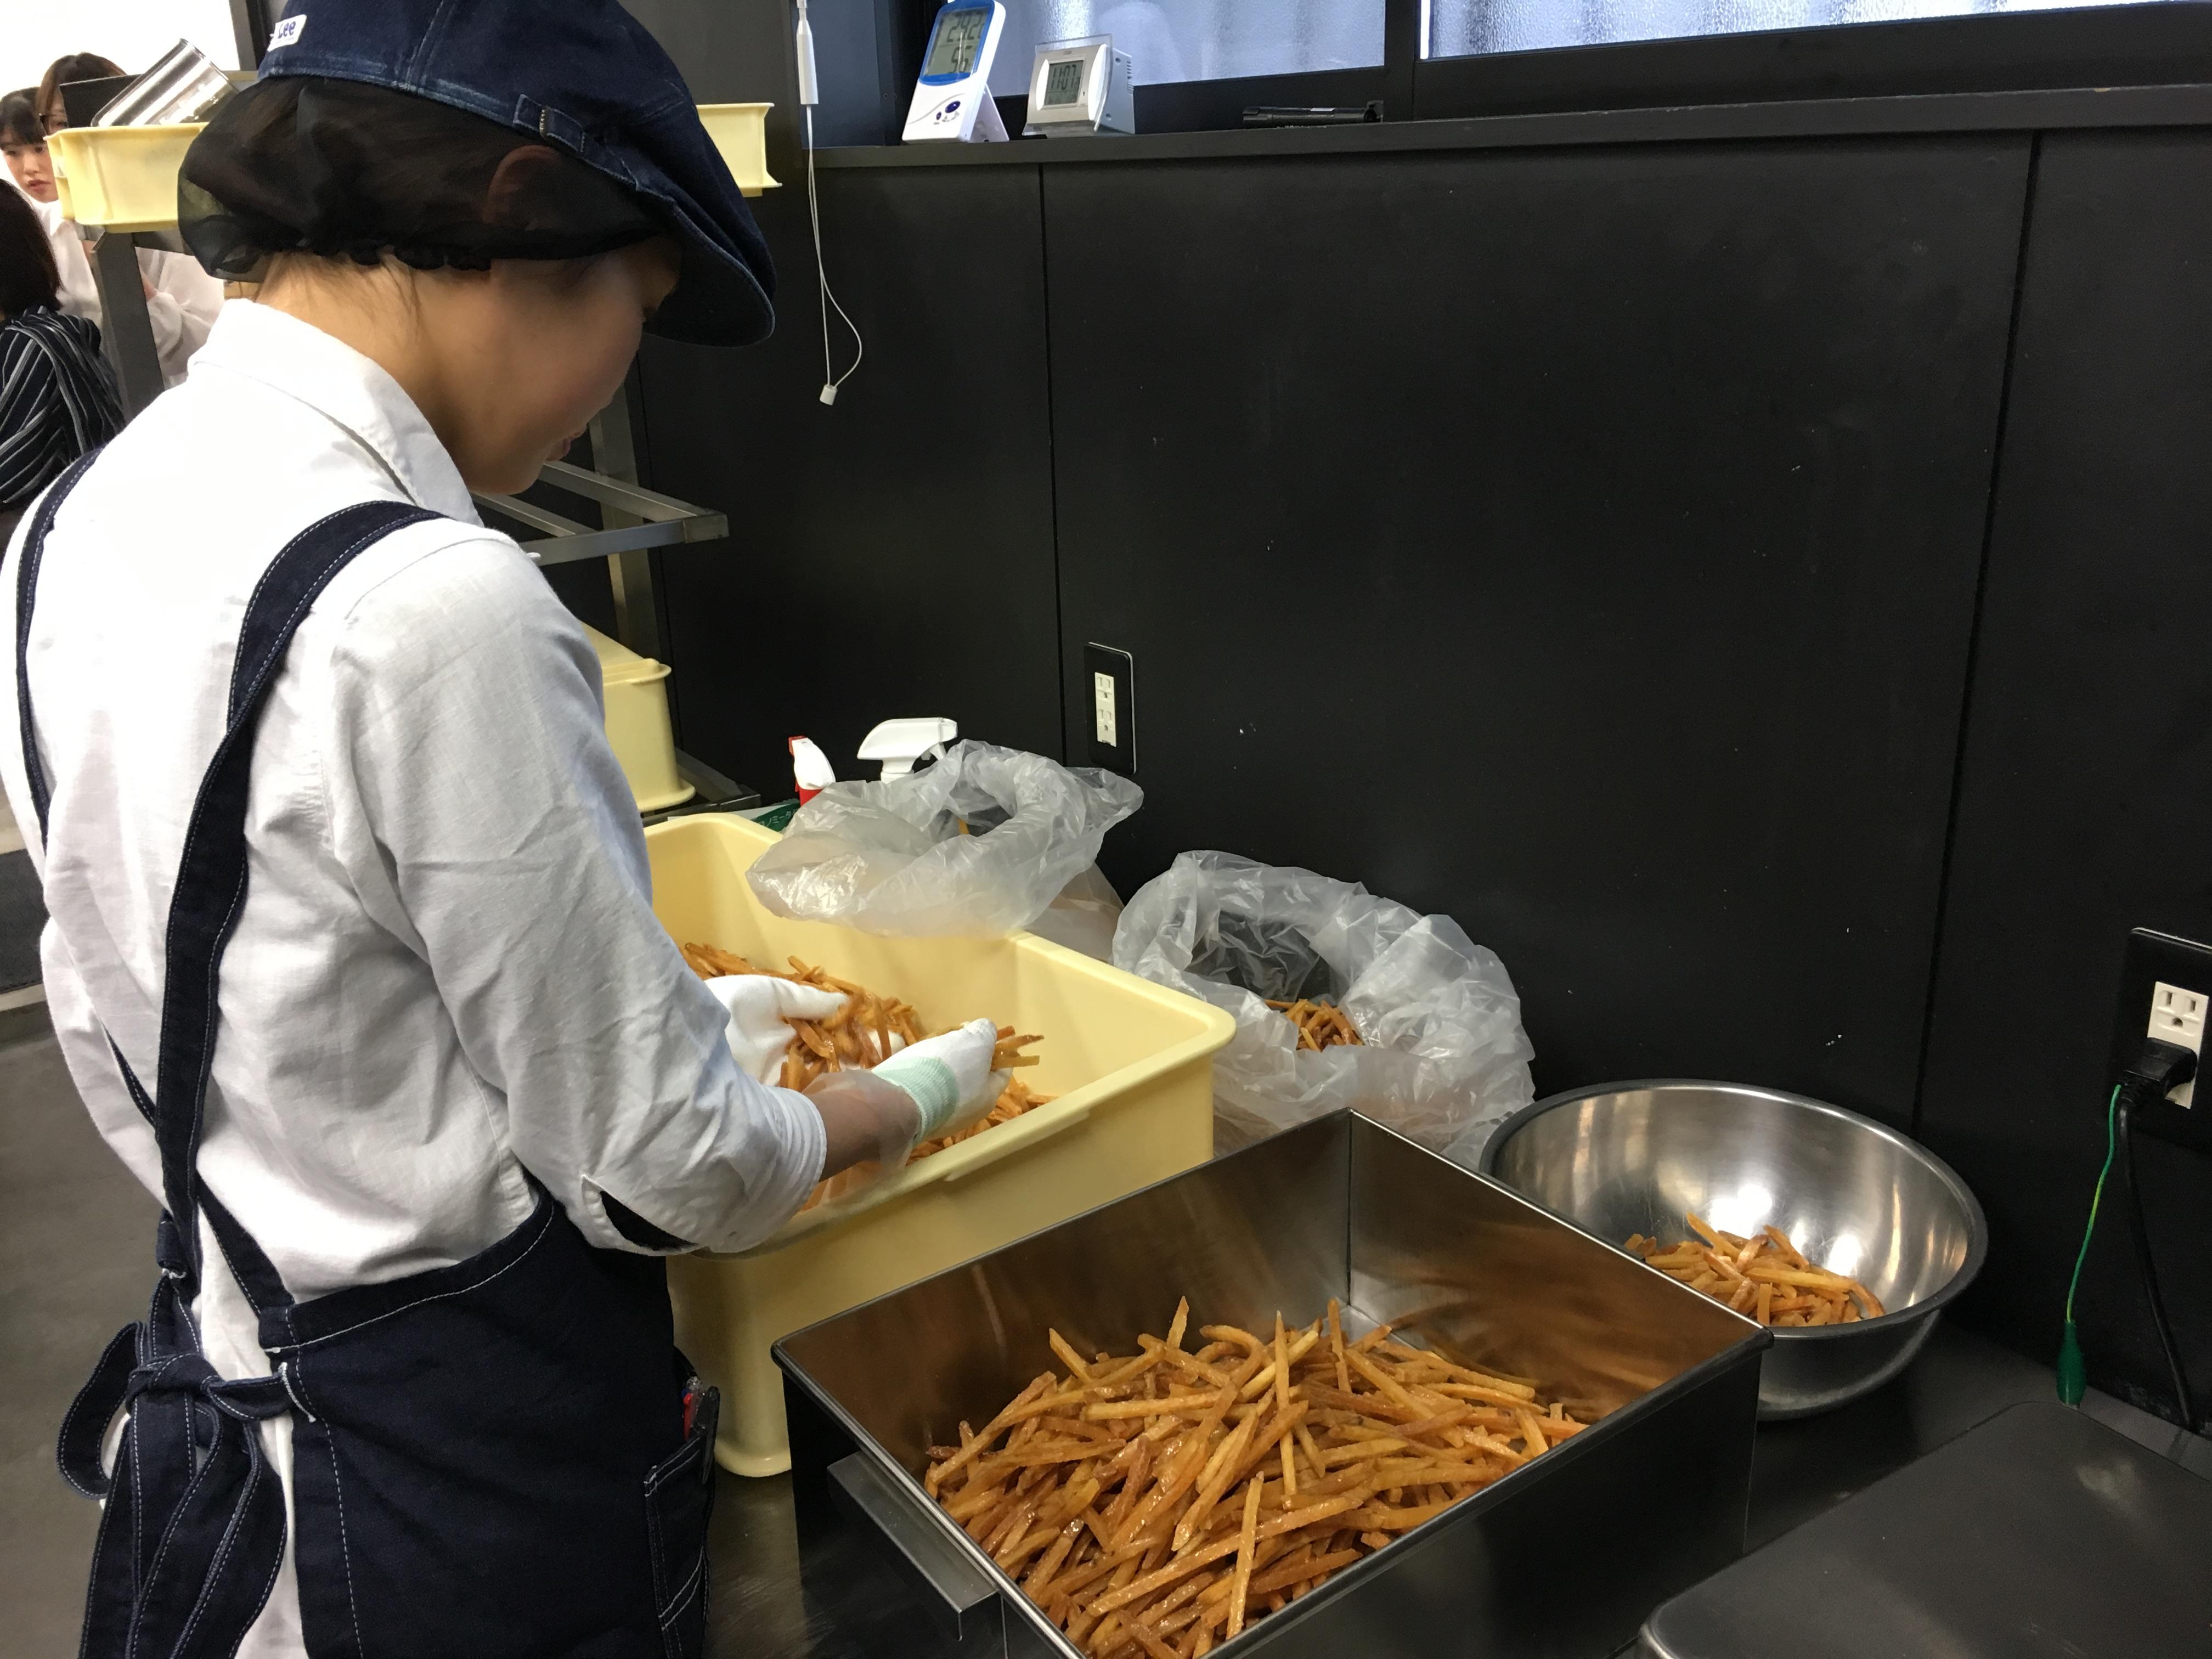 【正社員/未経験者歓迎】オシャレなさつま芋菓子専門店での店舗内製造業務